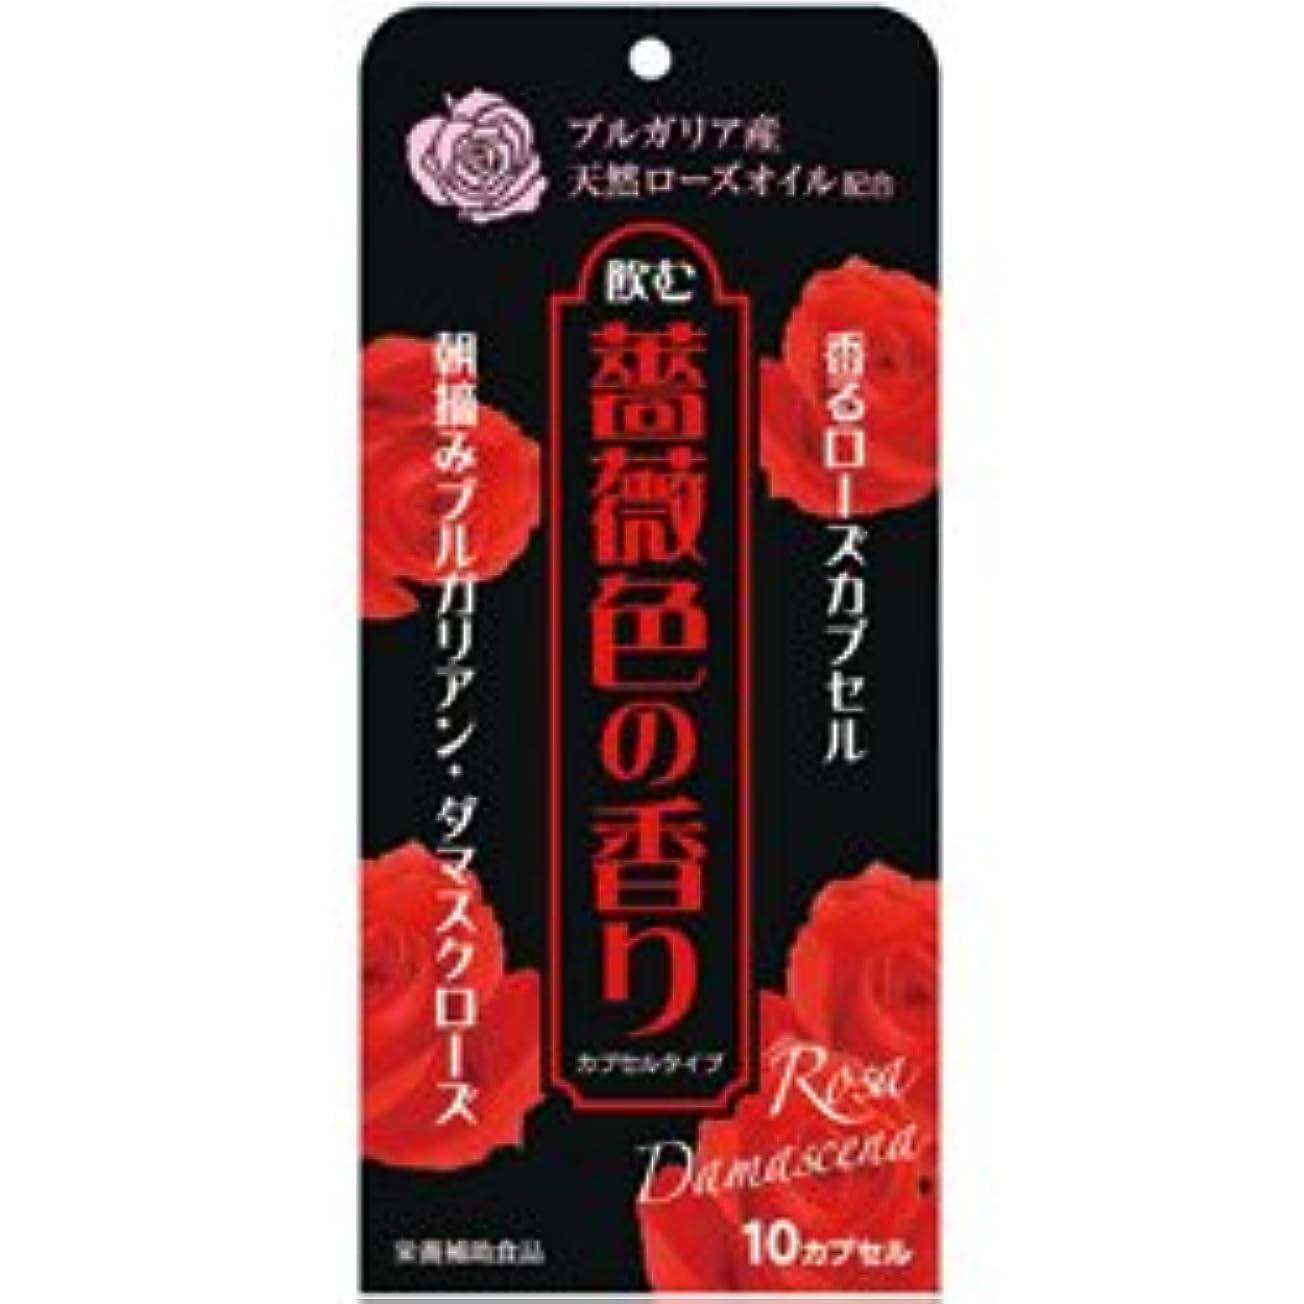 出費盗賊シーン【ウェルネスジャパン】飲む薔薇色の香り 10カプセル ×3個セット